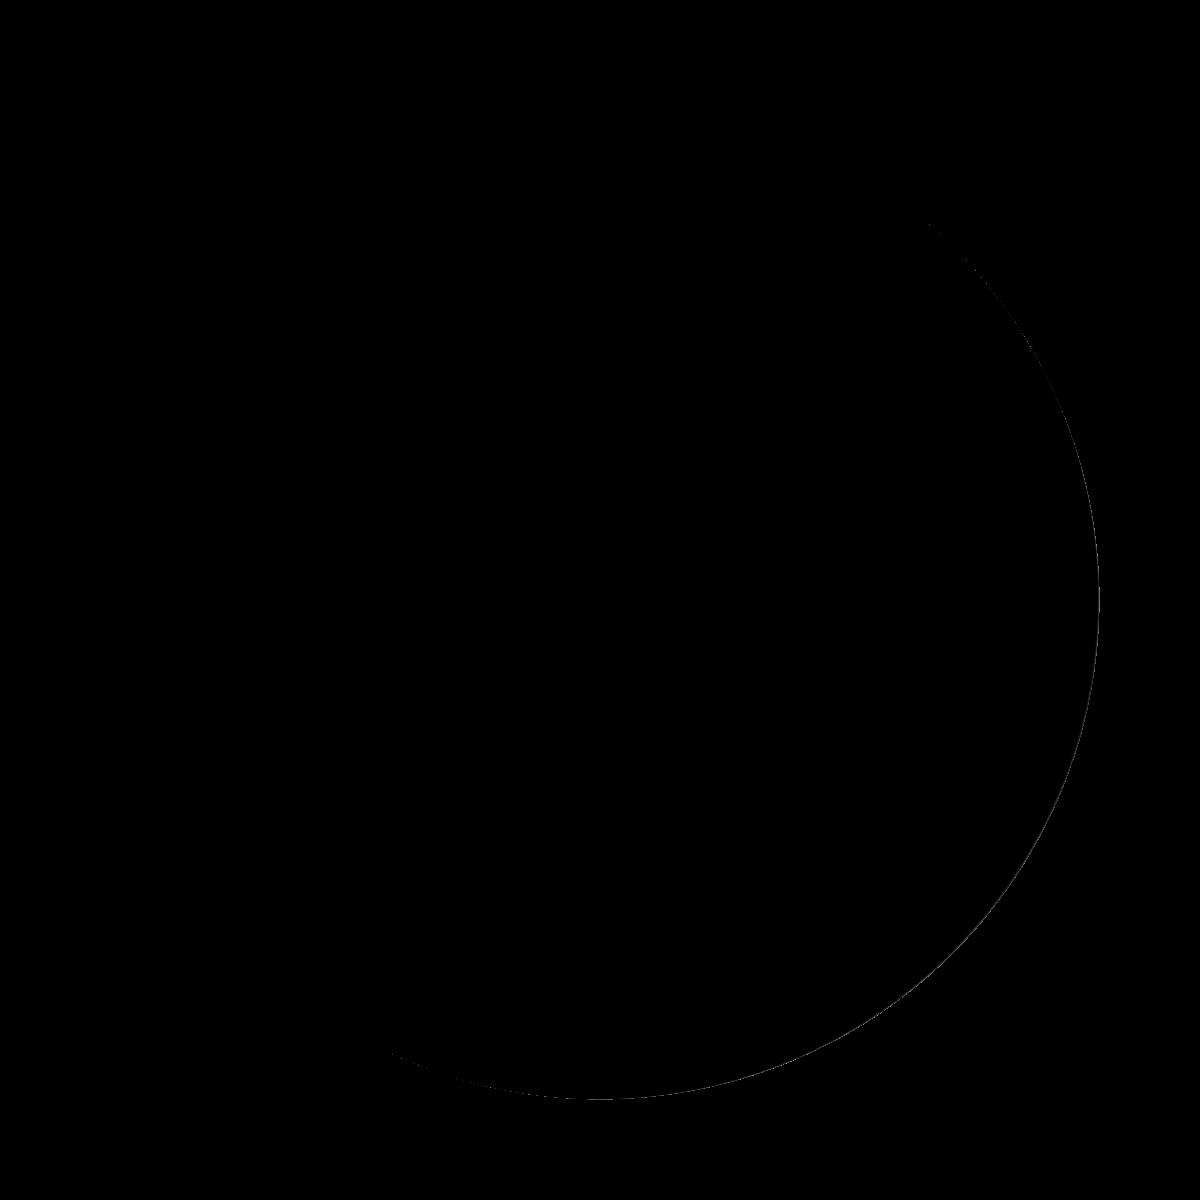 Lune du 29 septembre 2019